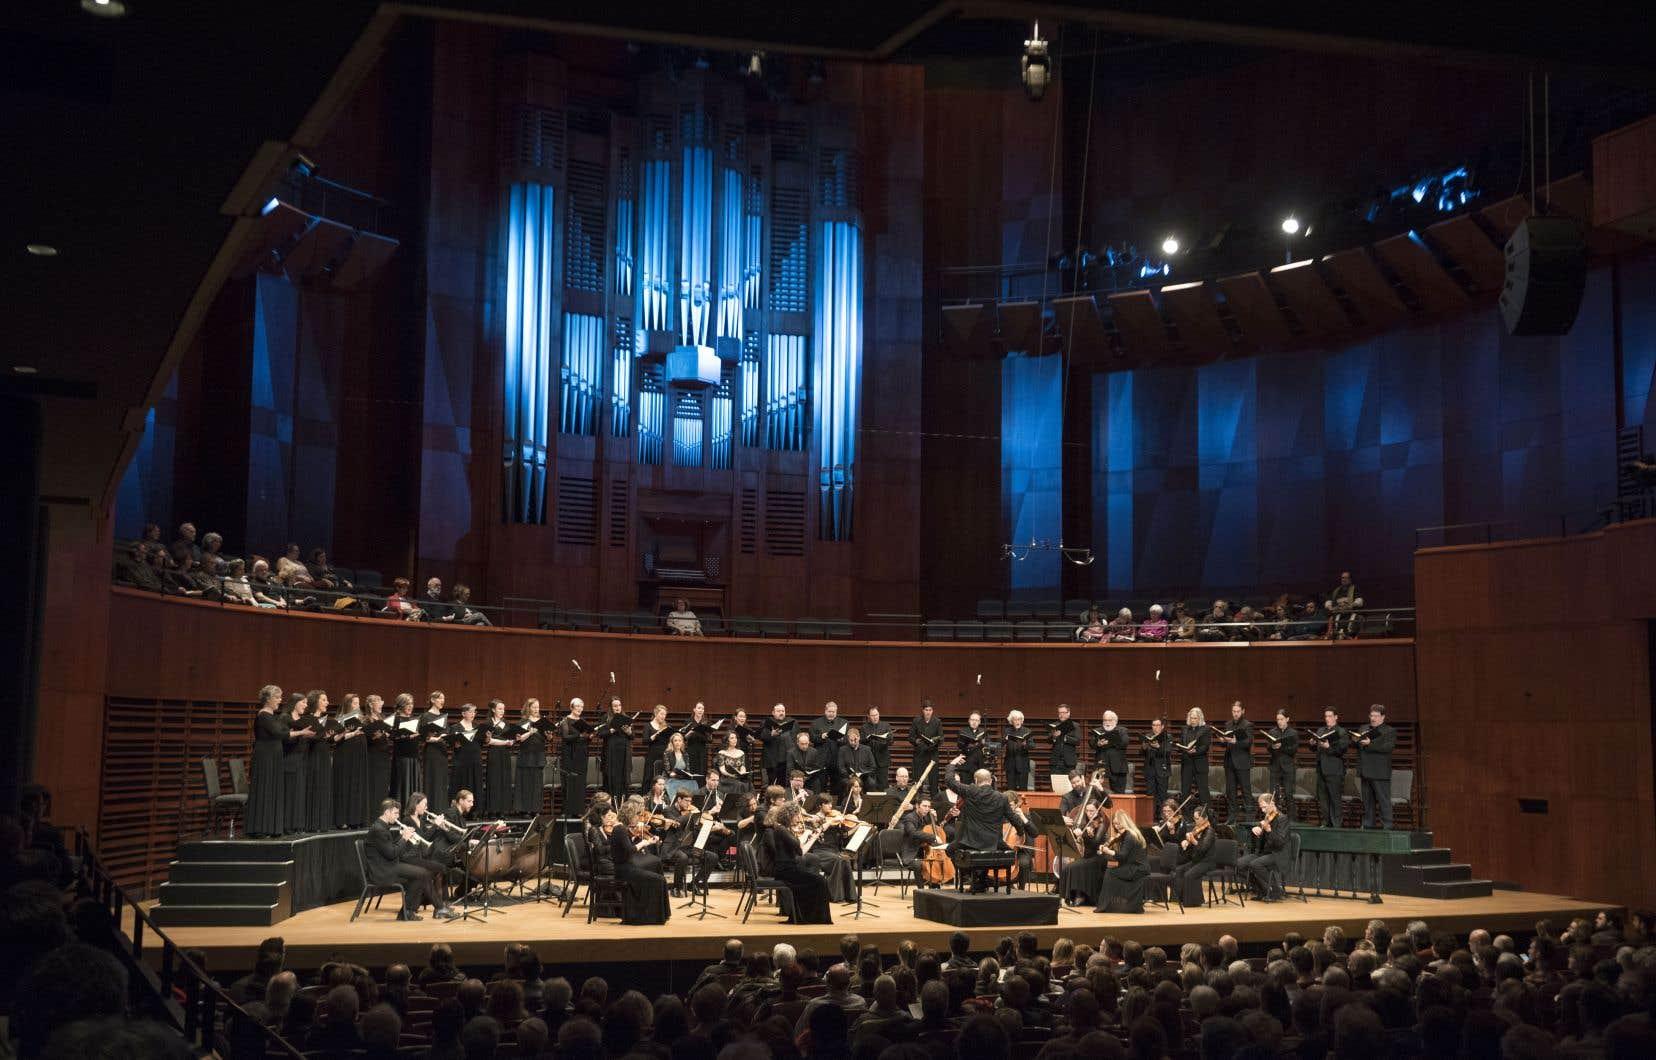 Samedi, Bernard Labadie menait La Chapelle de Québec et Les Violons du Roy aux sommets dans Händel et Haydn.